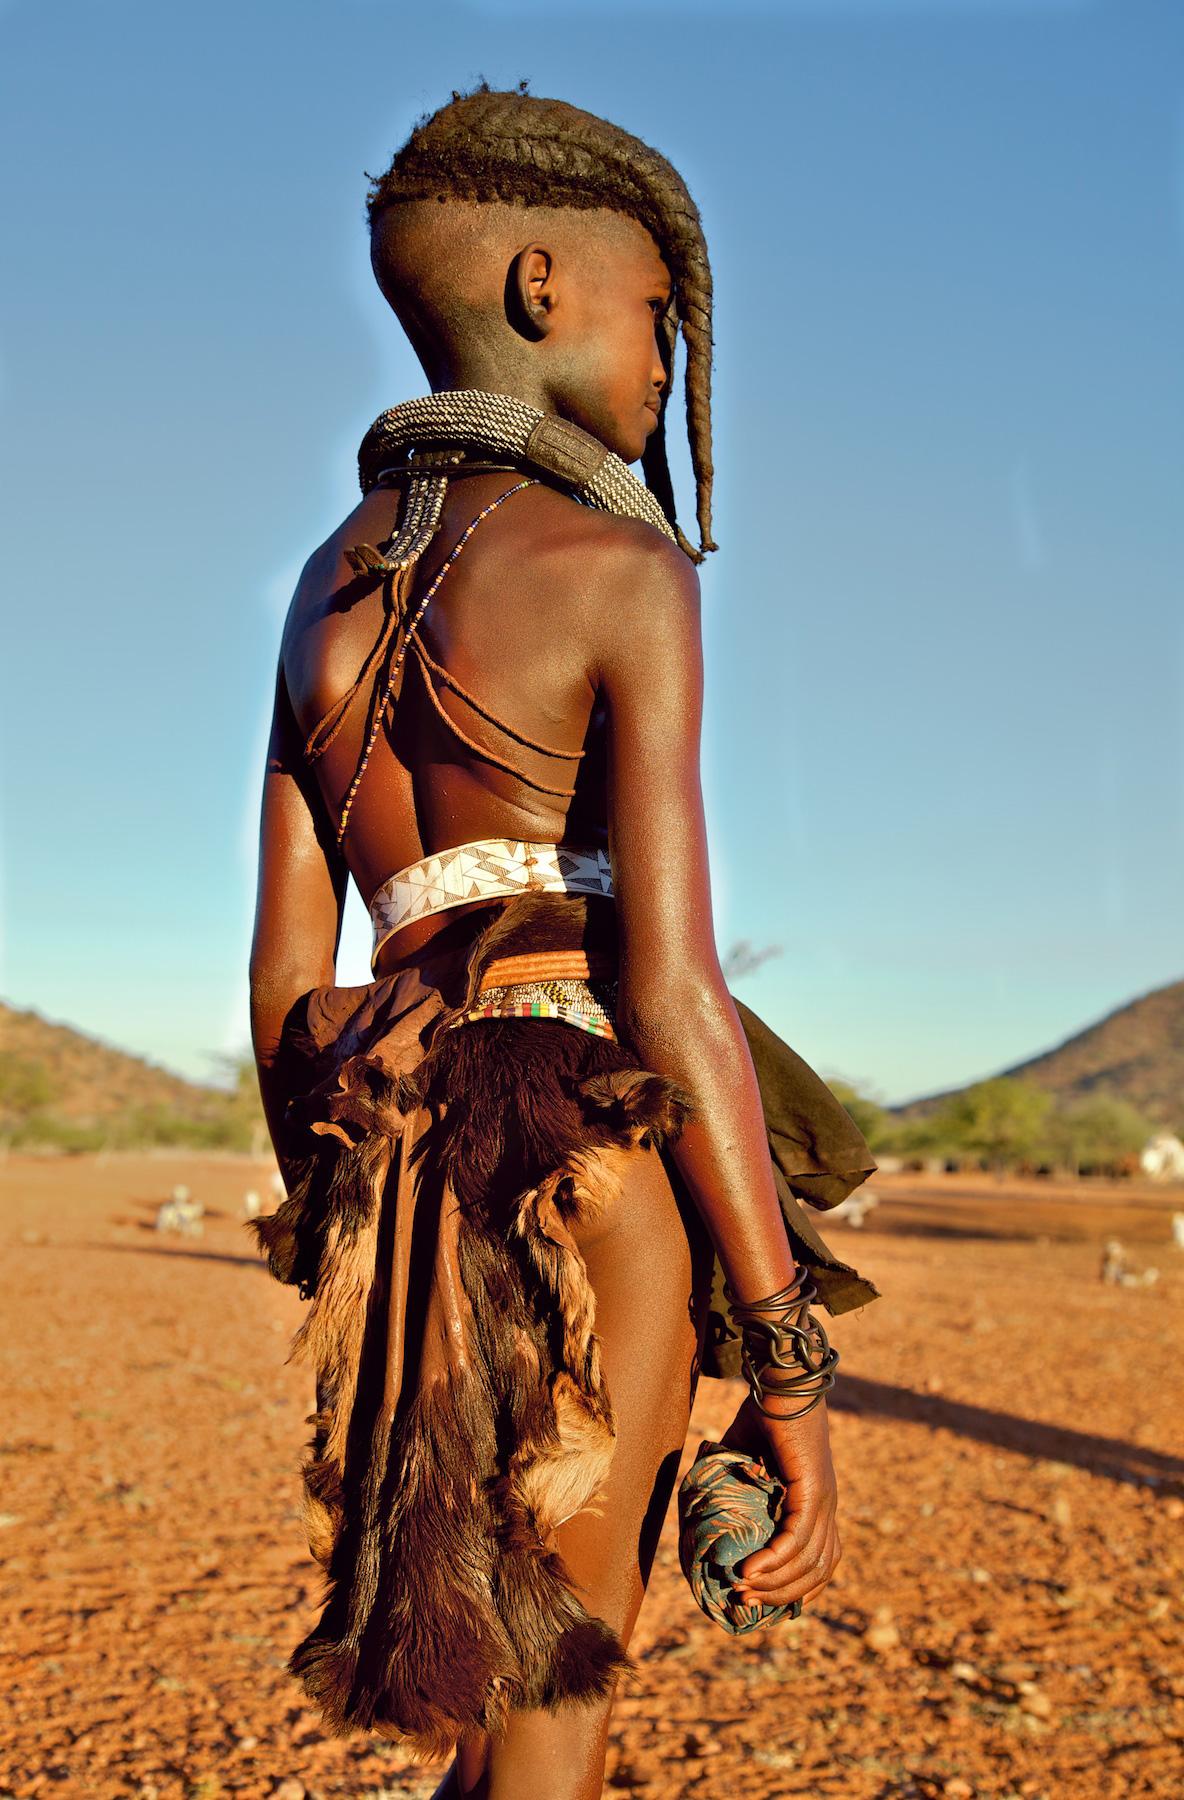 Himba-women-namibia-alegra-ally-6